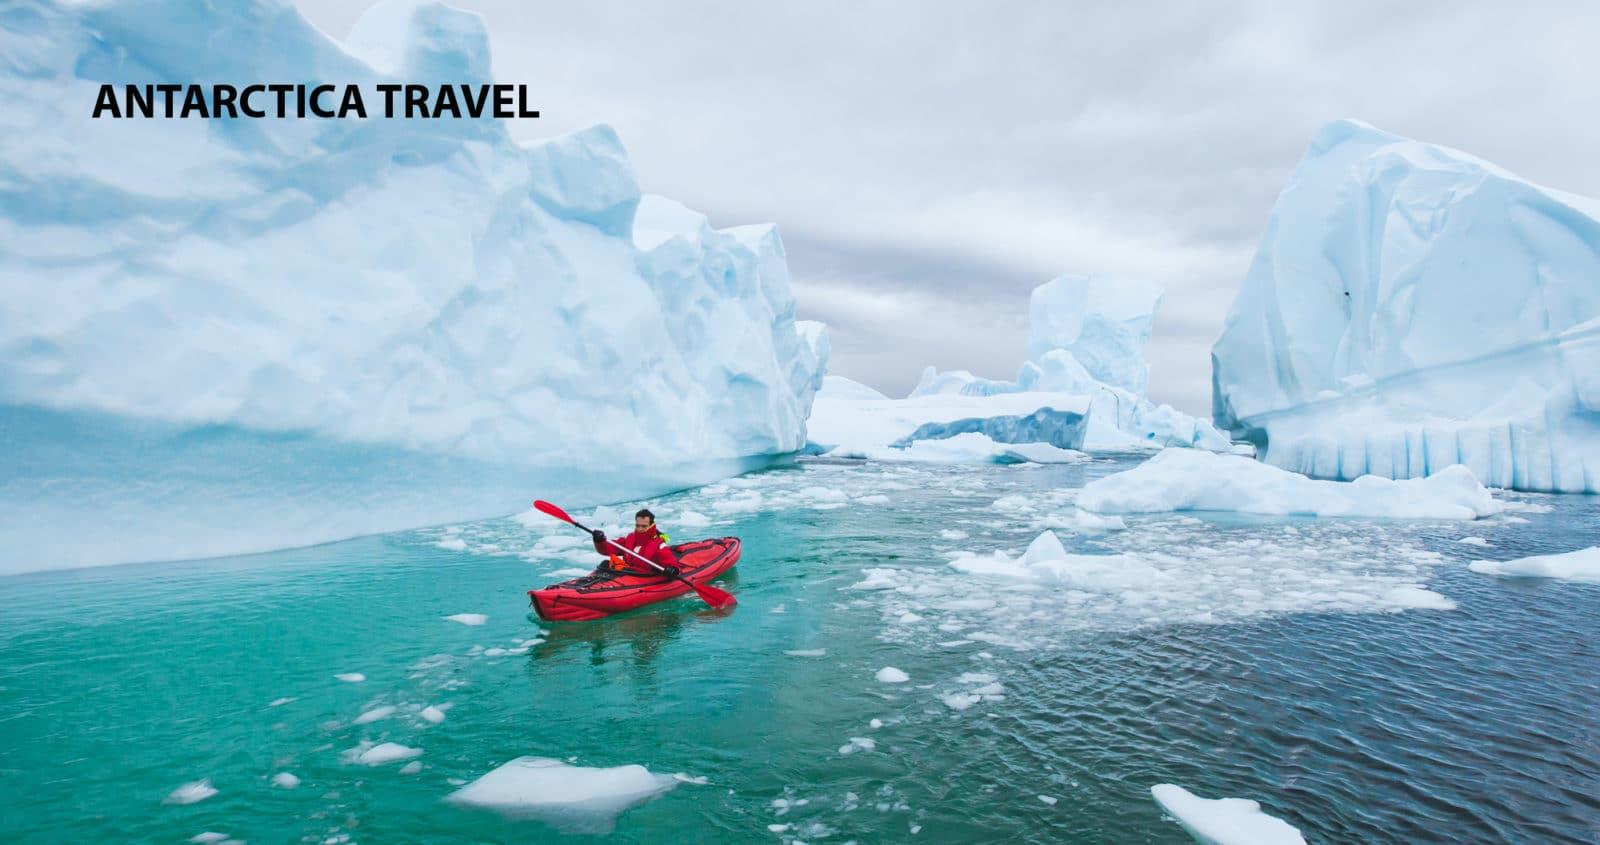 Pico Iyer on Antarctica